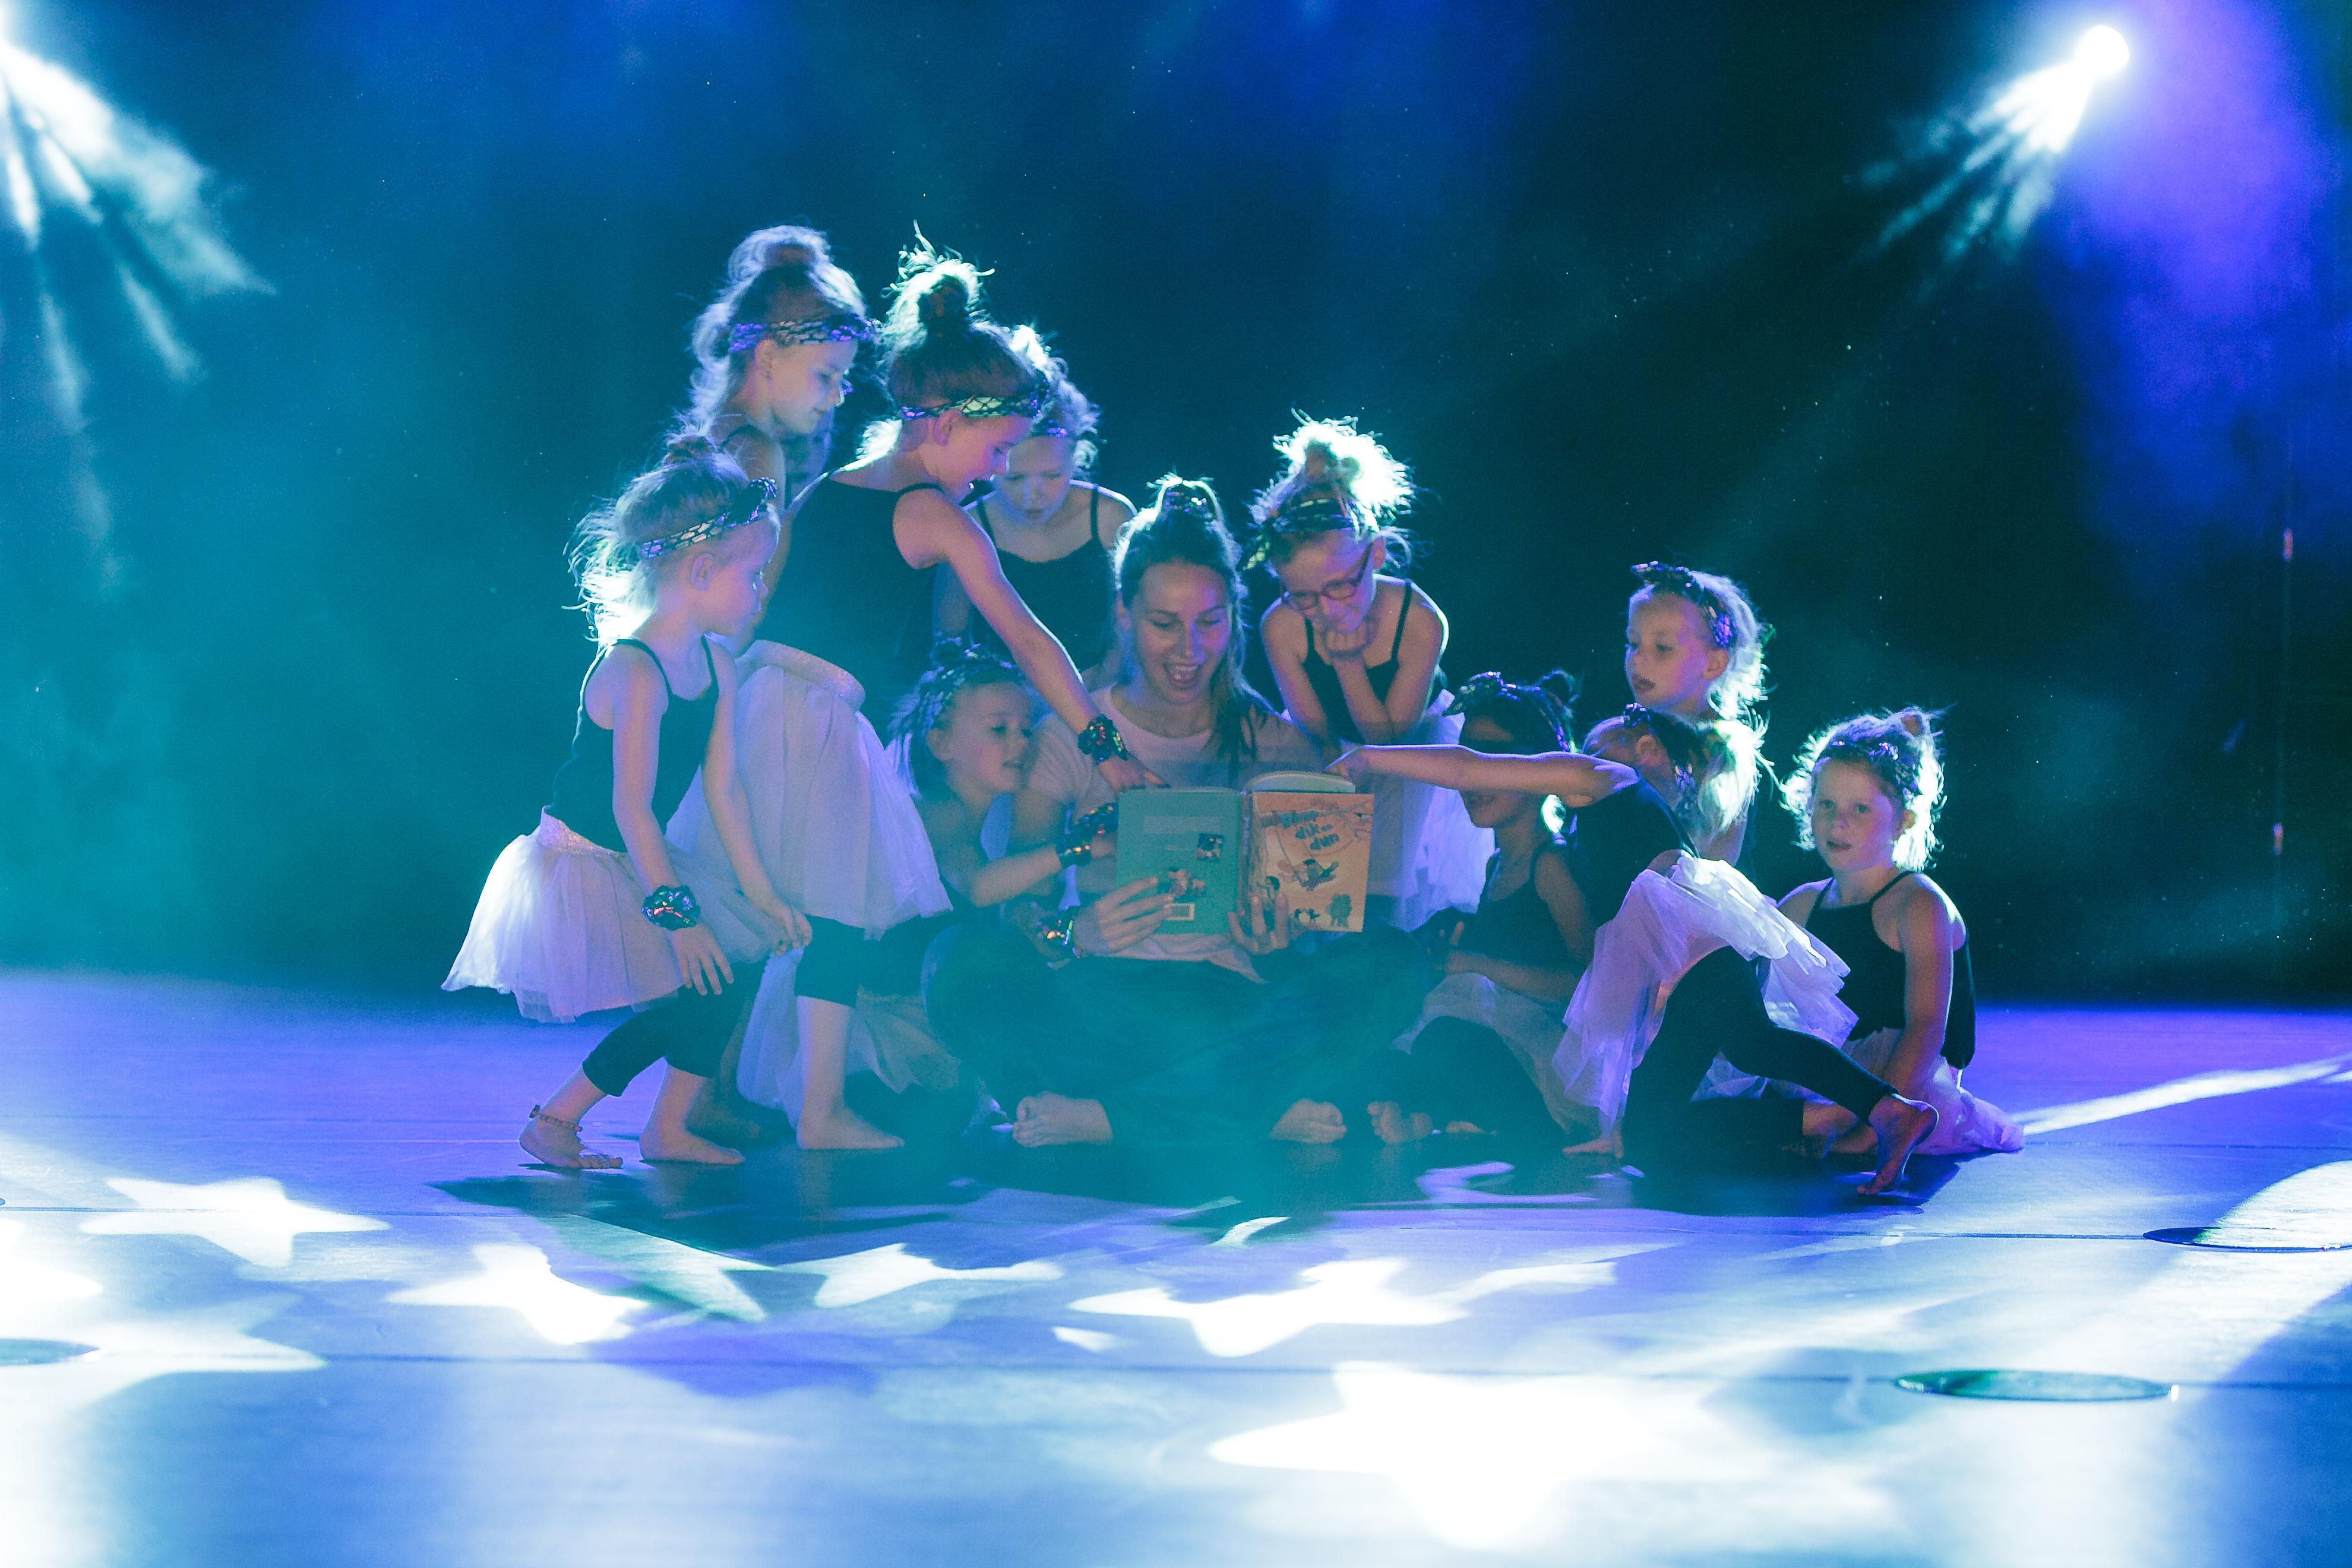 Dance by Fernanda - Kinderdans